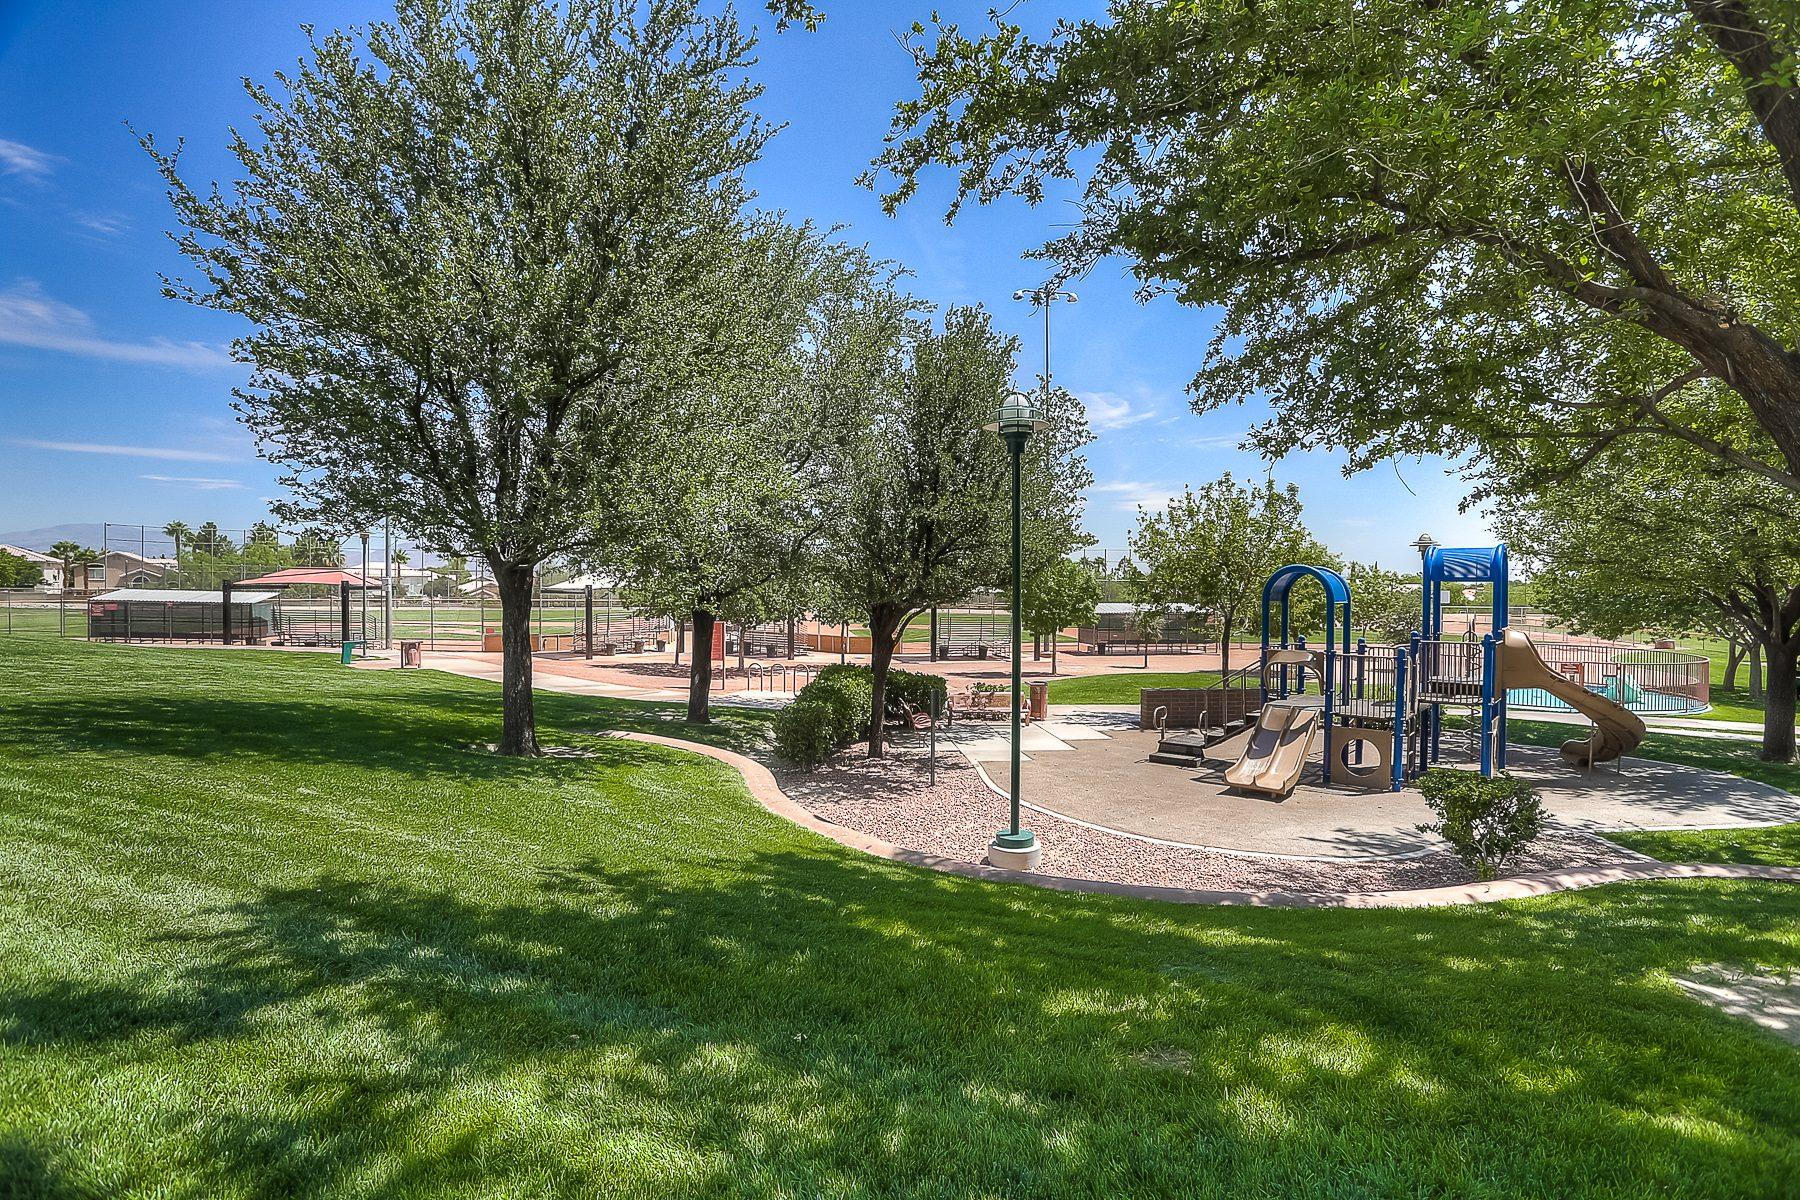 02 summerlin community parks